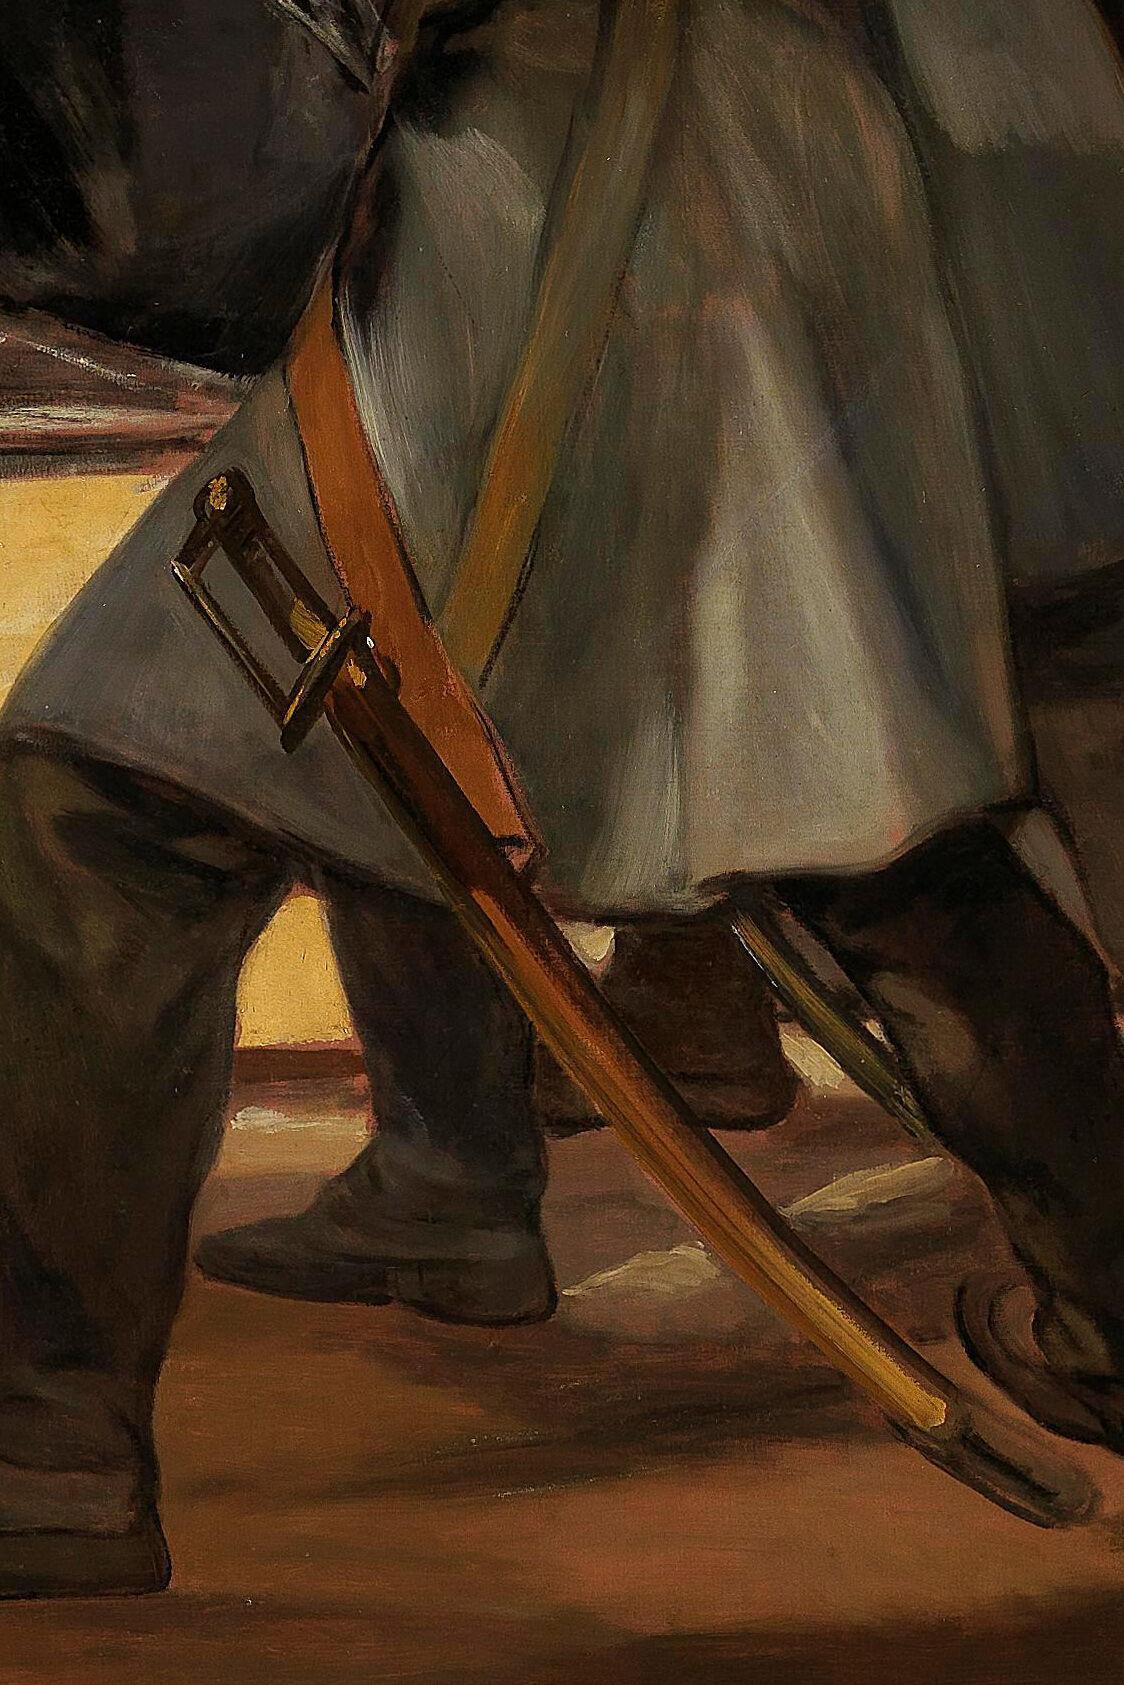 Francisco de Goya, El tres de mayo (detalle), 1814. Imagen a través de Wikimedia Commons.